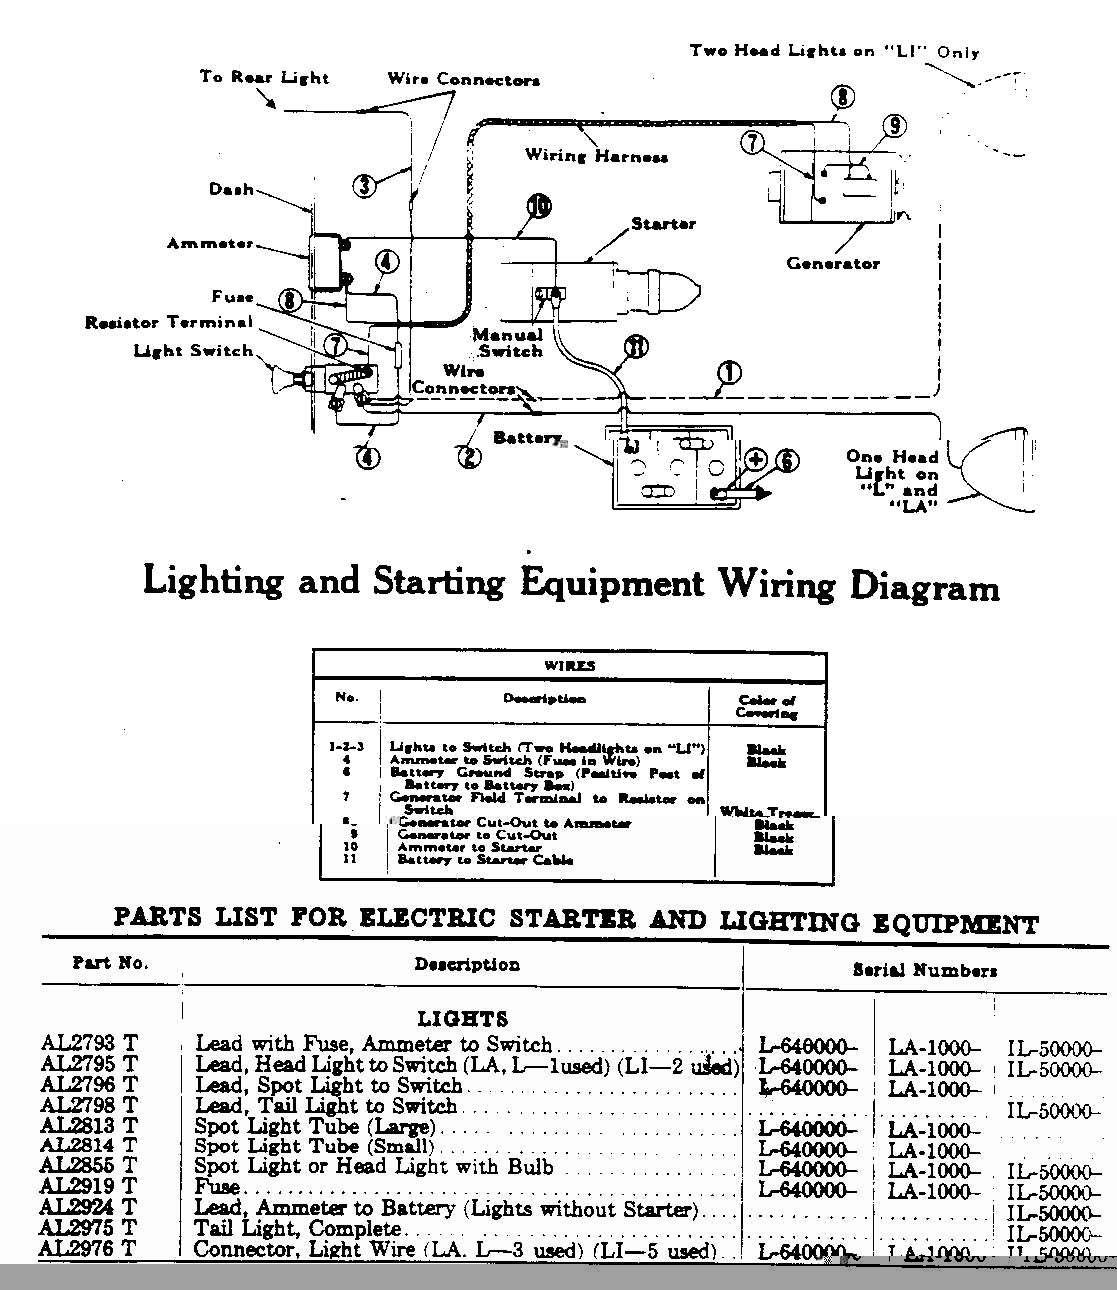 hight resolution of lwiring wiring diagram for a john deere 1010 crawler readingrat net john deere 1010 wiring diagram